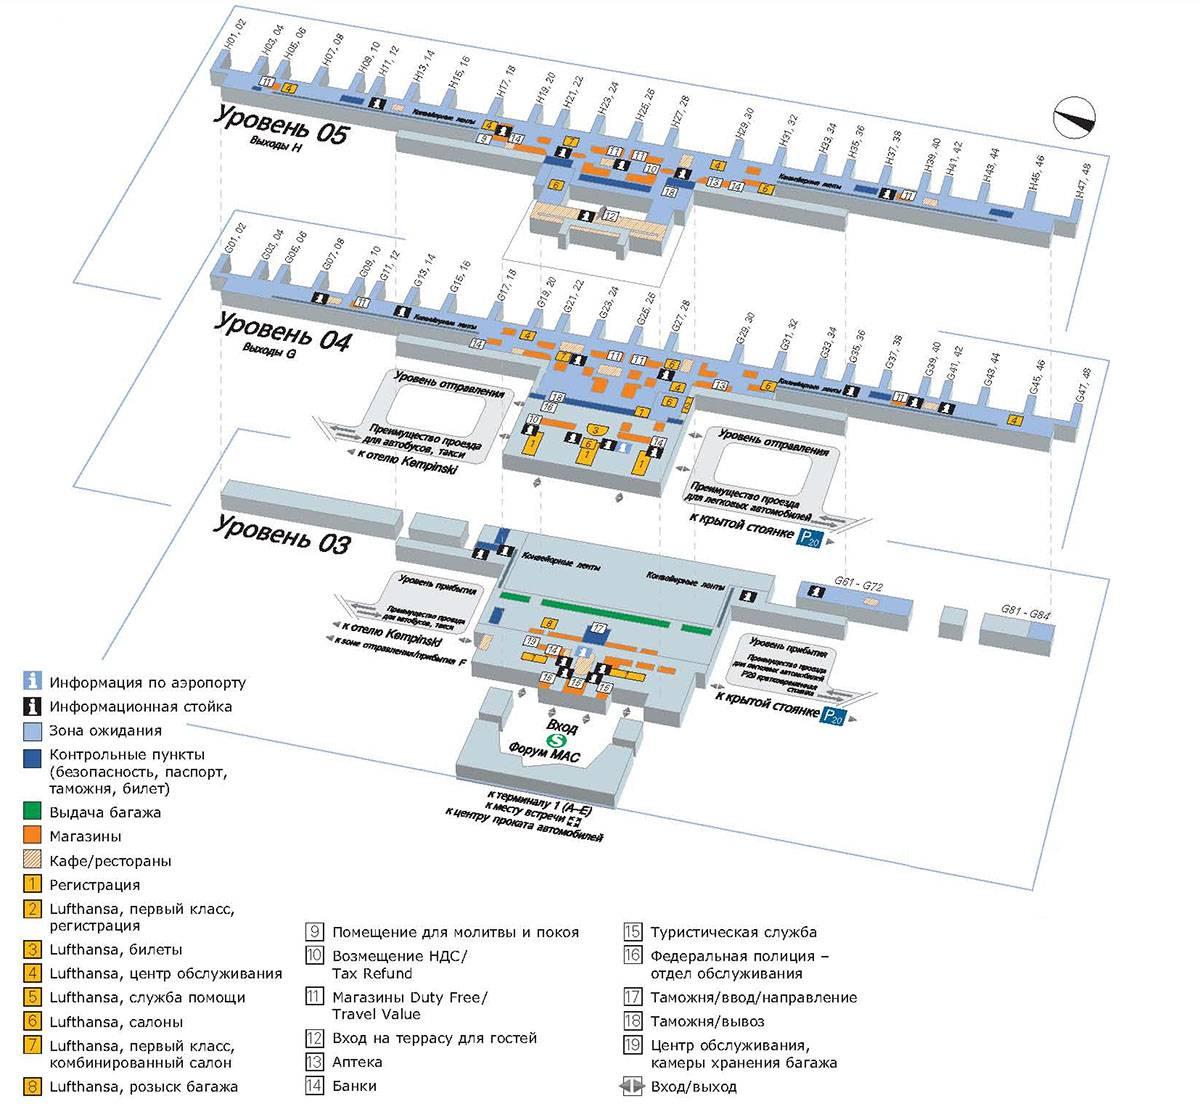 Пардубице: описание аэропорта, расположение, маршруты на карте